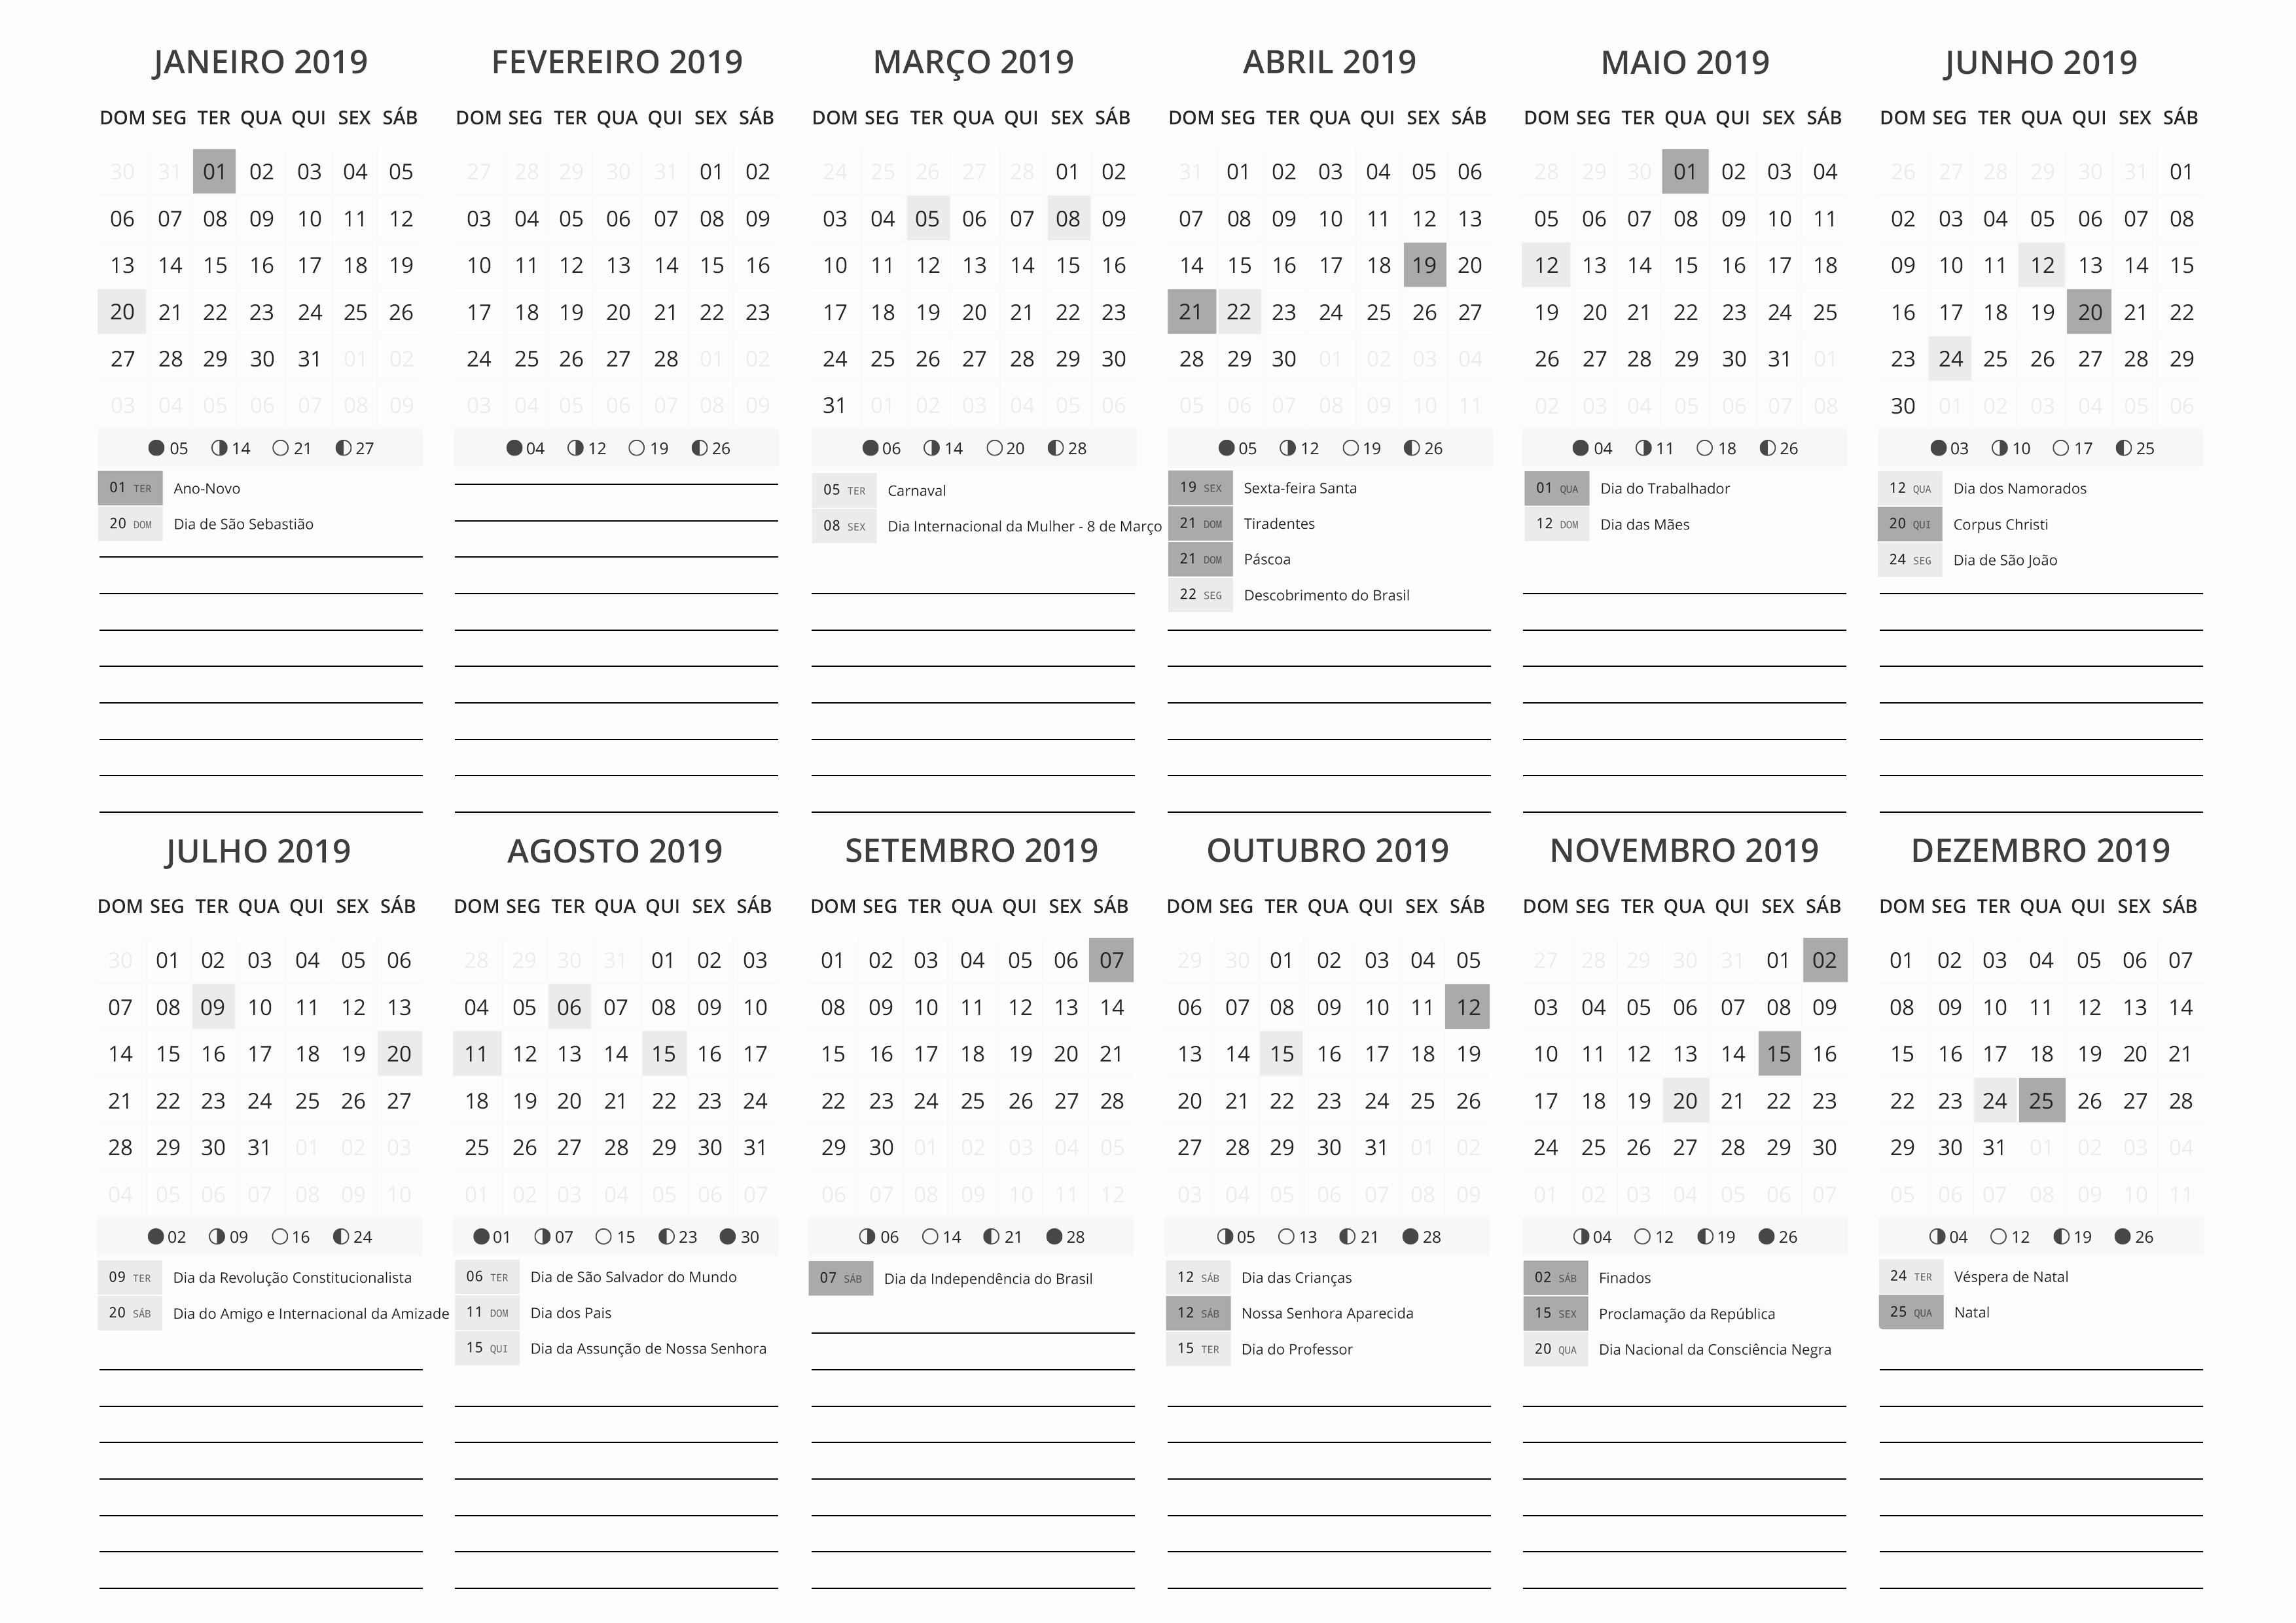 Calendario 2019 E 2019 Para Imprimir Em Portugues Calendario 2019